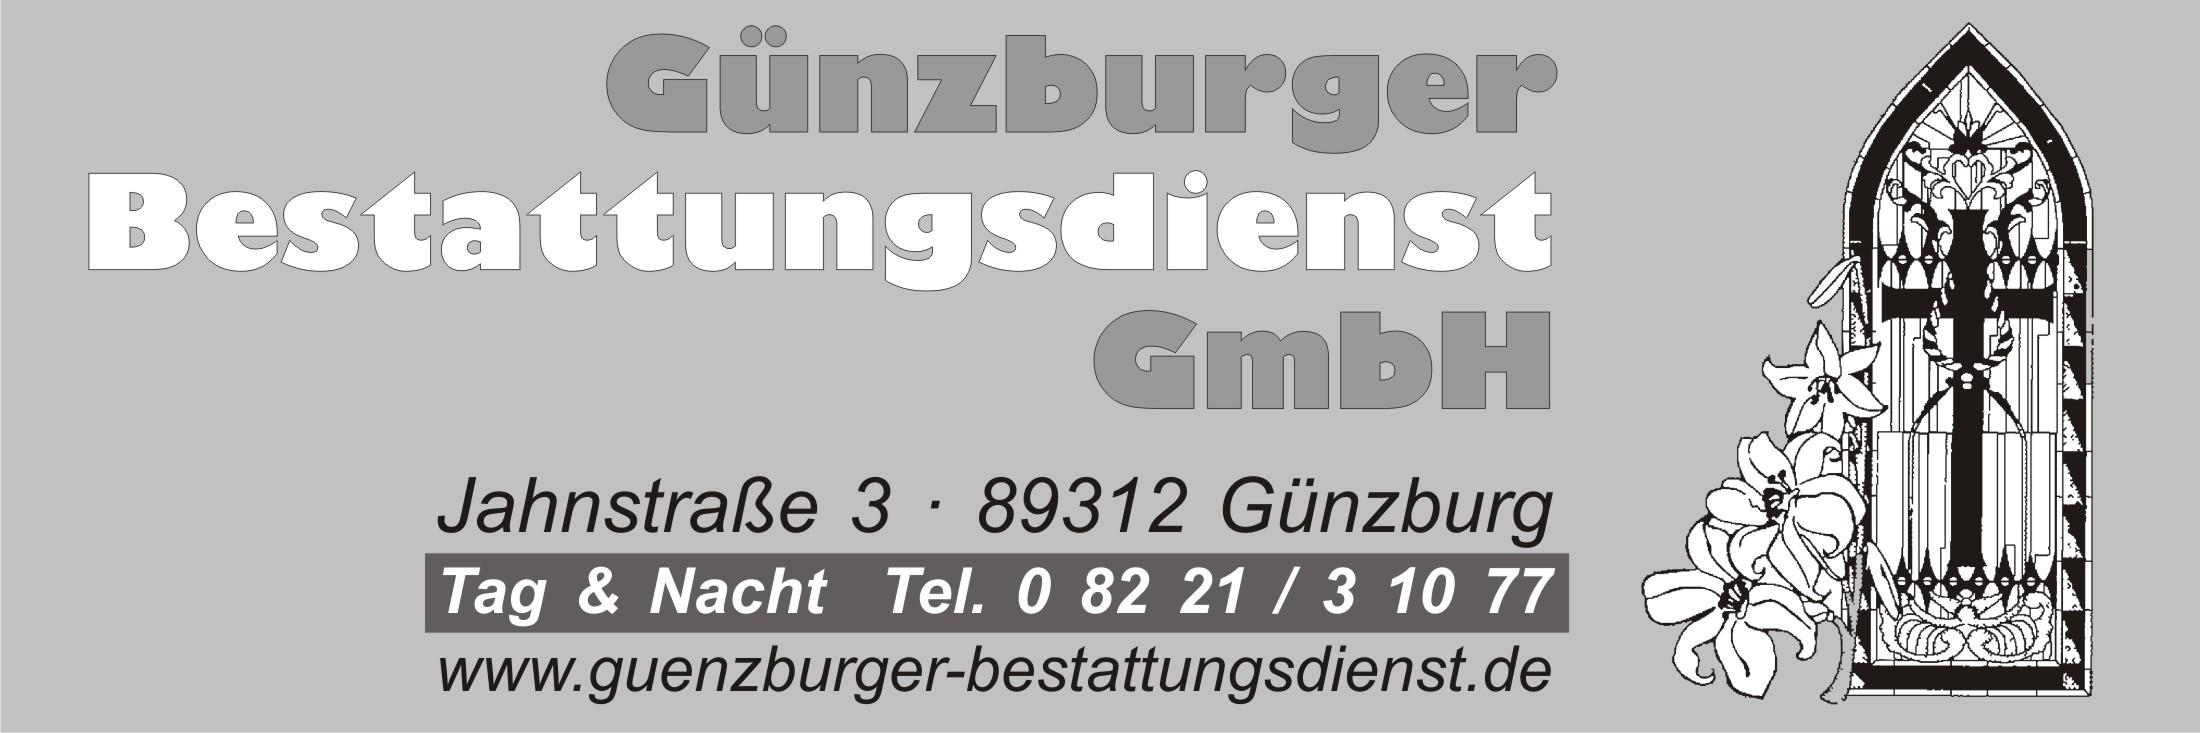 Günzburger Bestattungsdienst GmbH